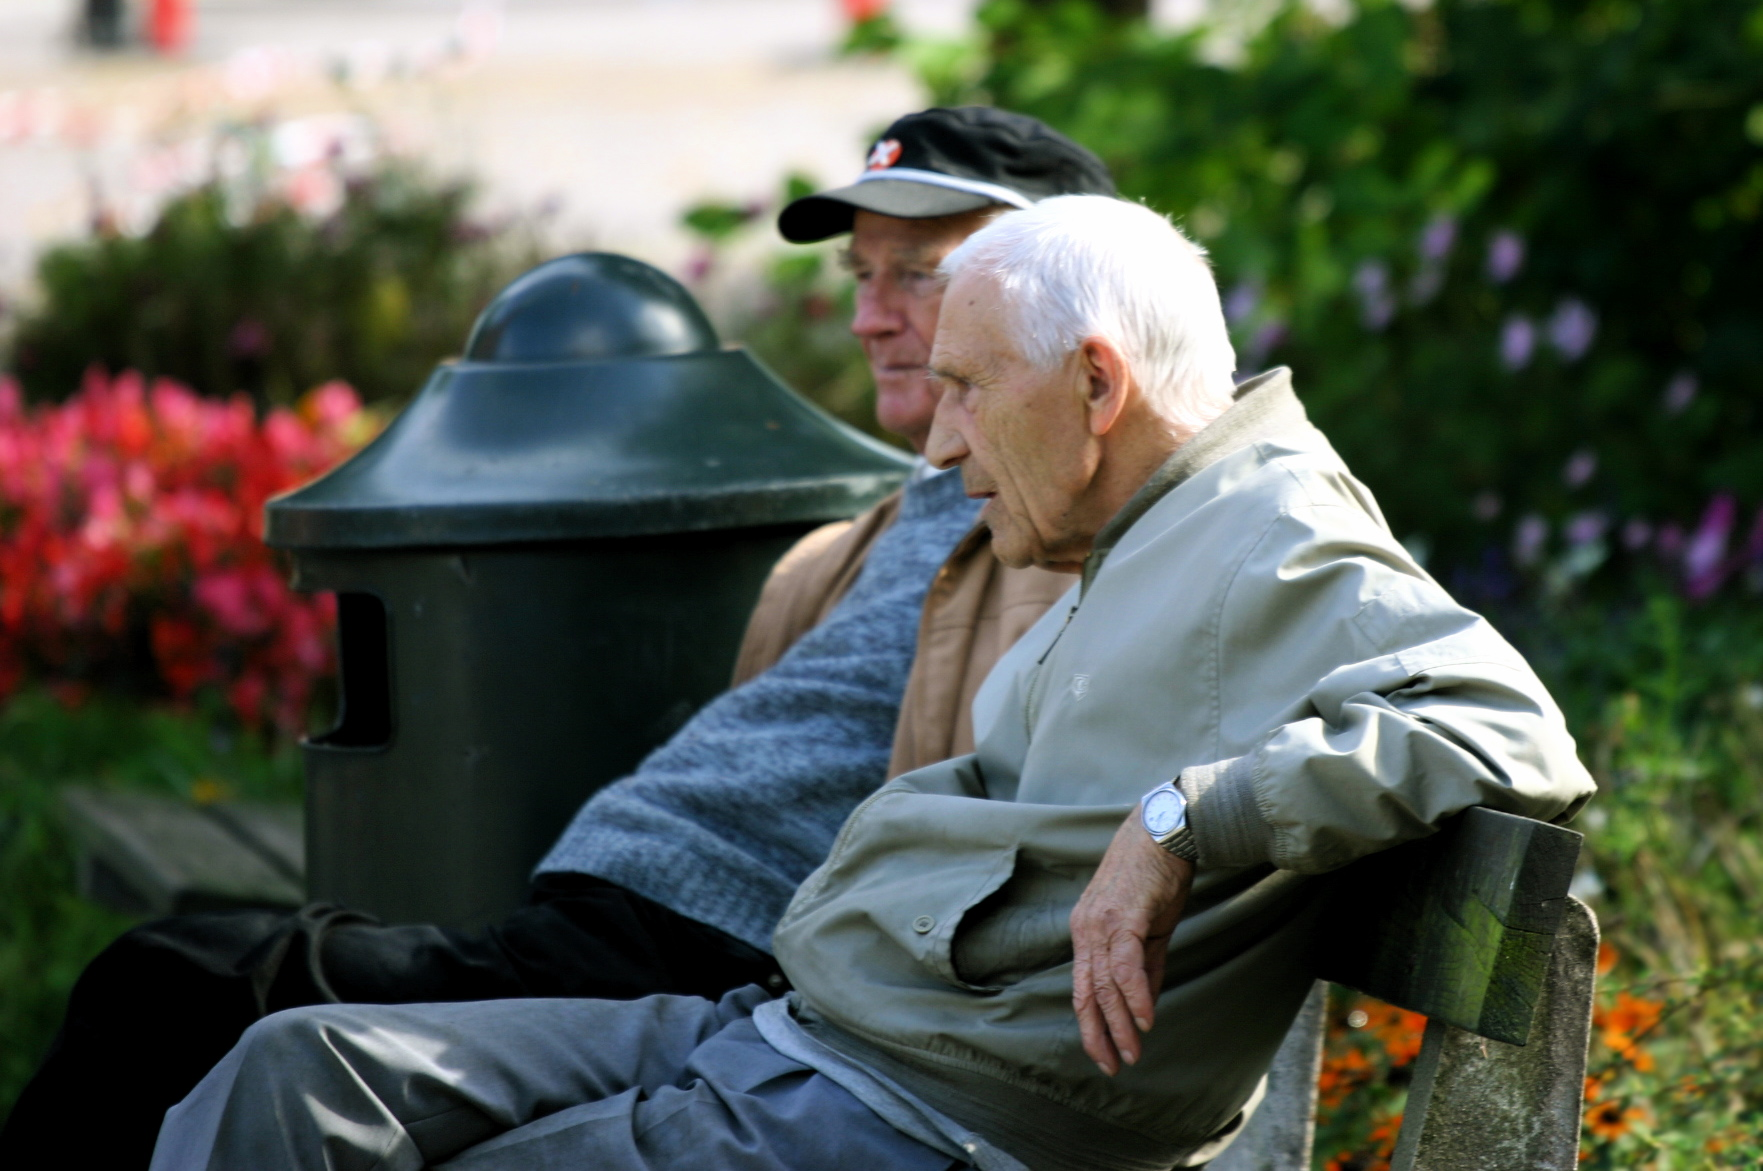 rejsningsproblemer under samleje senior sider